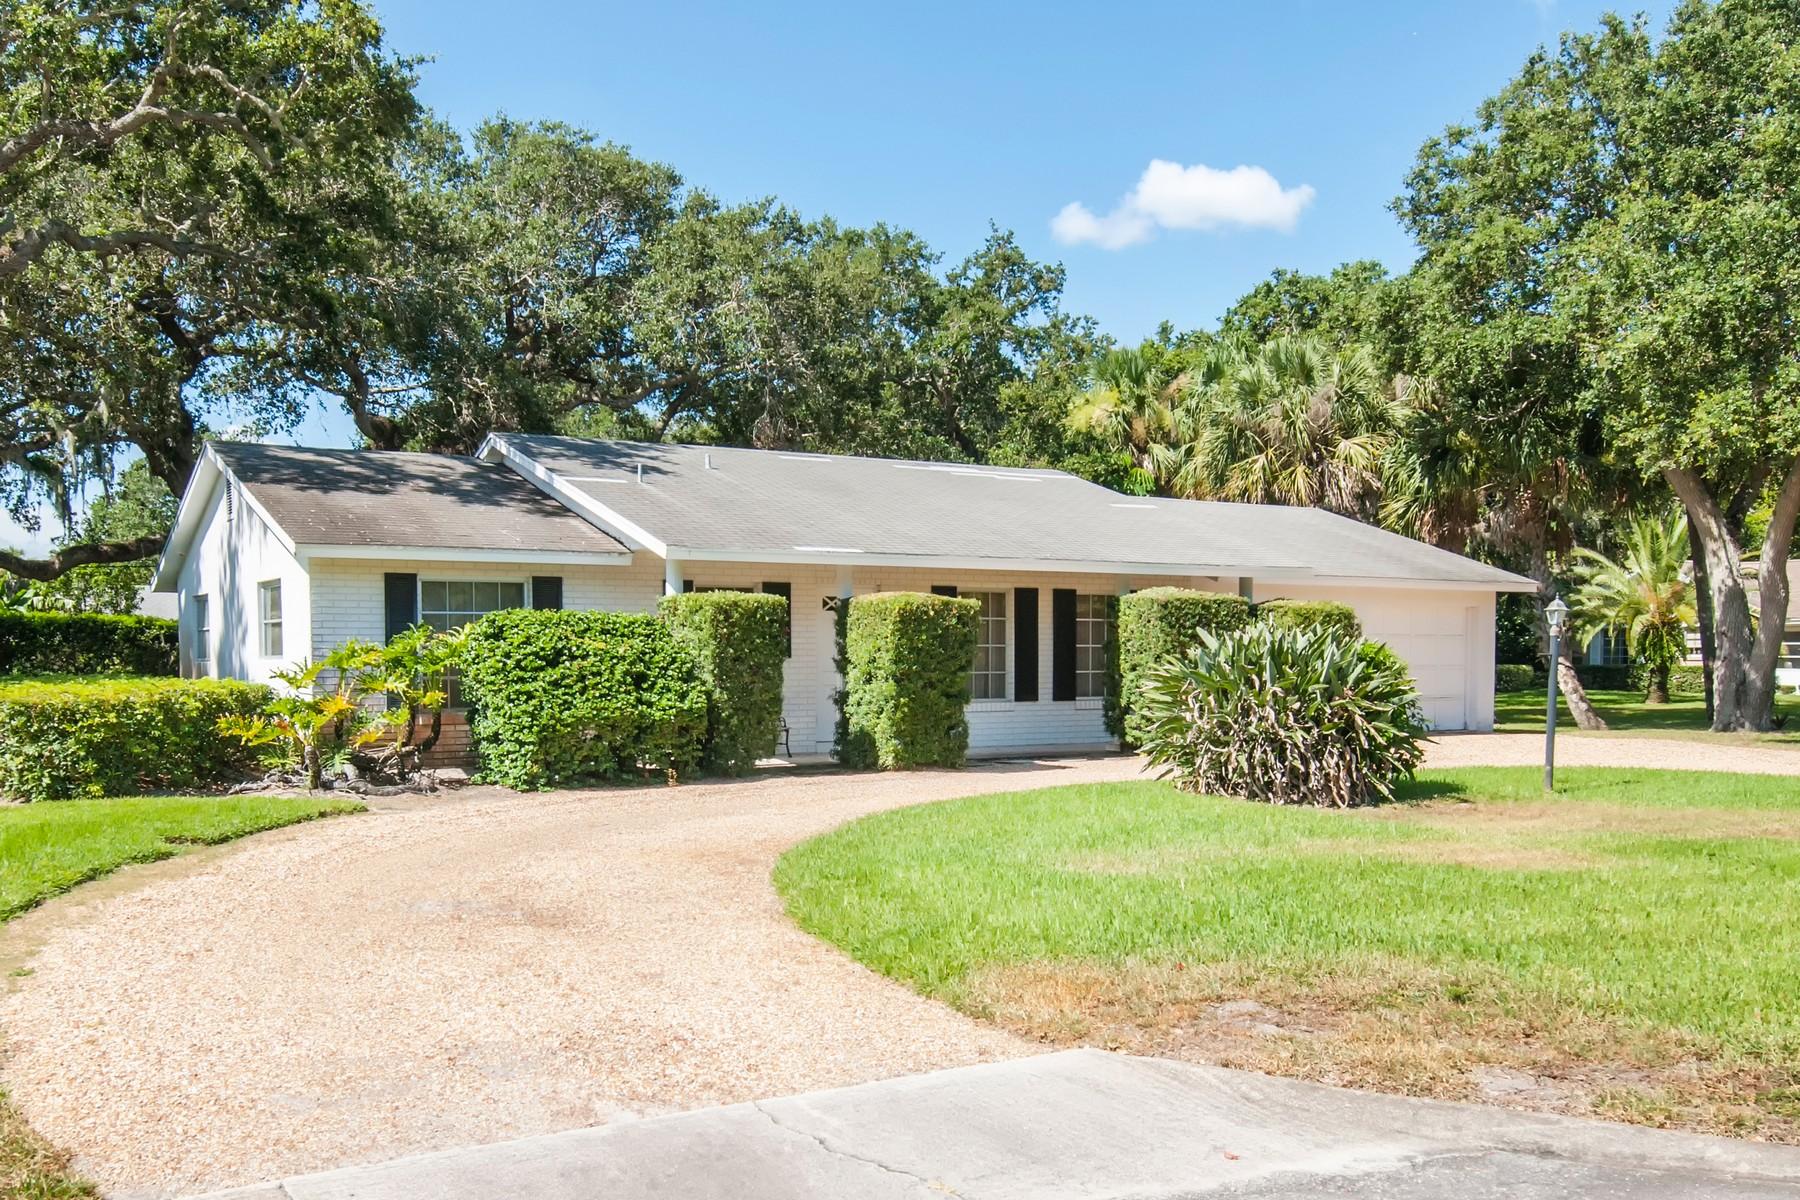 Nhà ở một gia đình vì Bán tại Central Beach Home 418 Greytwig Road Vero Beach, Florida, 32963 Hoa Kỳ